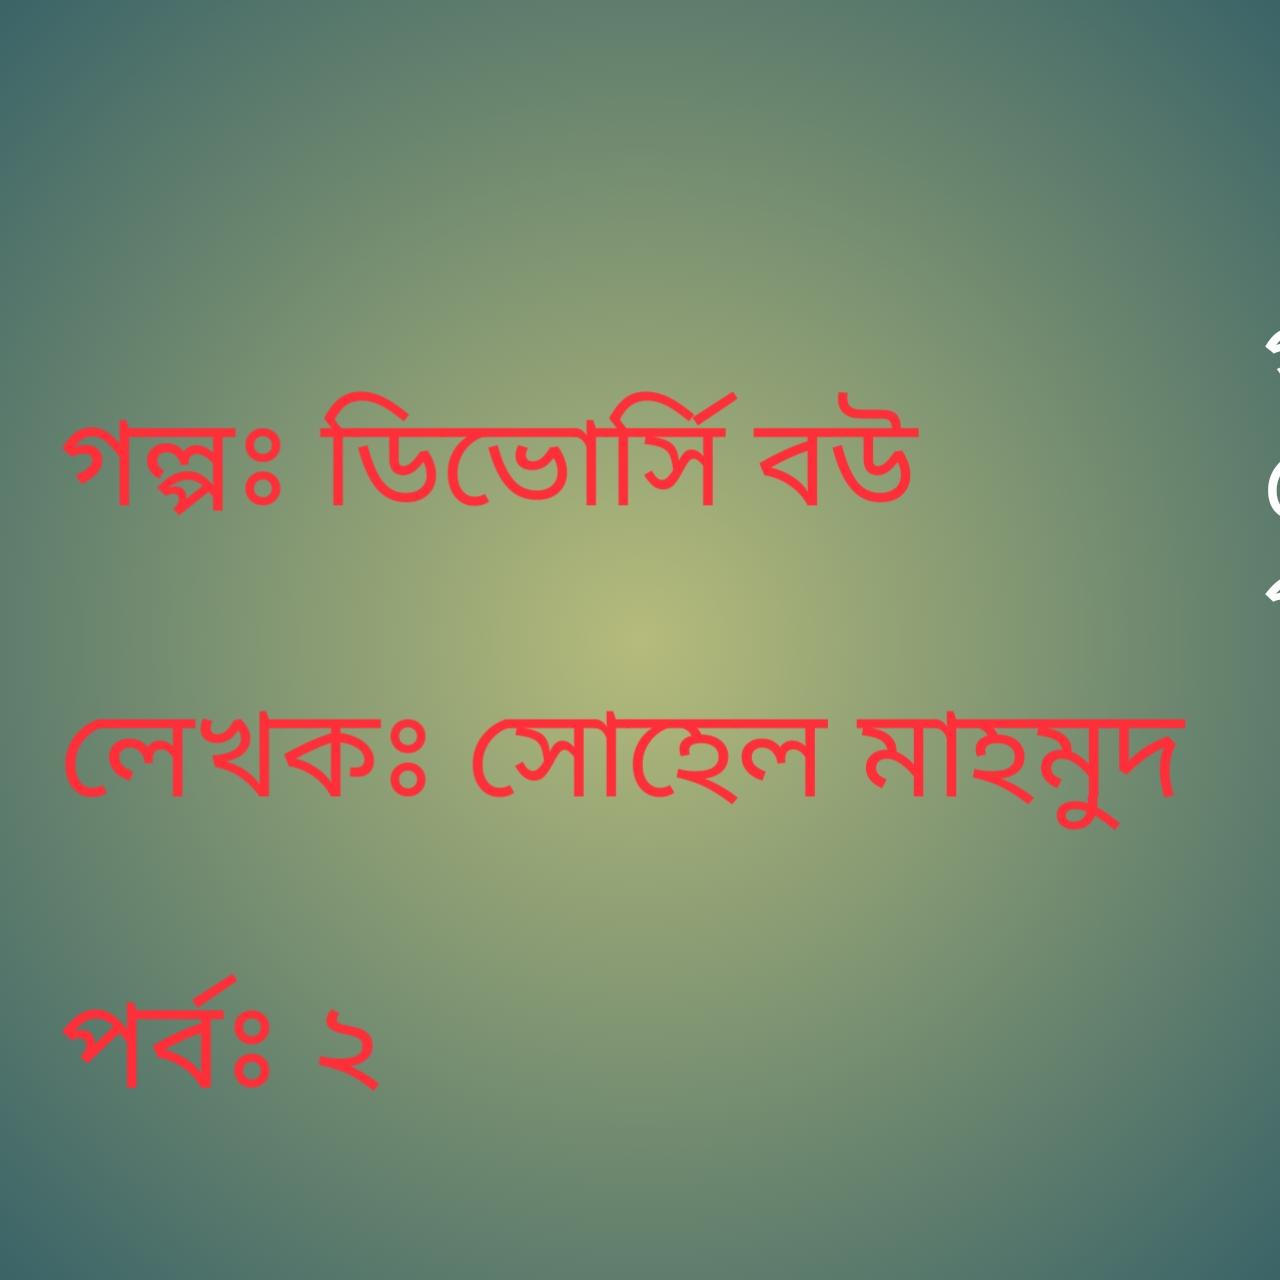 গল্পের নাম ডিভোর্সি বউ   ডিভোর্সি বউ   ডিভোর্সি।  ডিভোর্স   Divorce   পর্ব ২ Bd love story   Bangla love story   valobasar golp, ভালবাসার গল্প , রোমান্টিক ভালবাসার গল্প   Bangla Romantic Sad Love Story